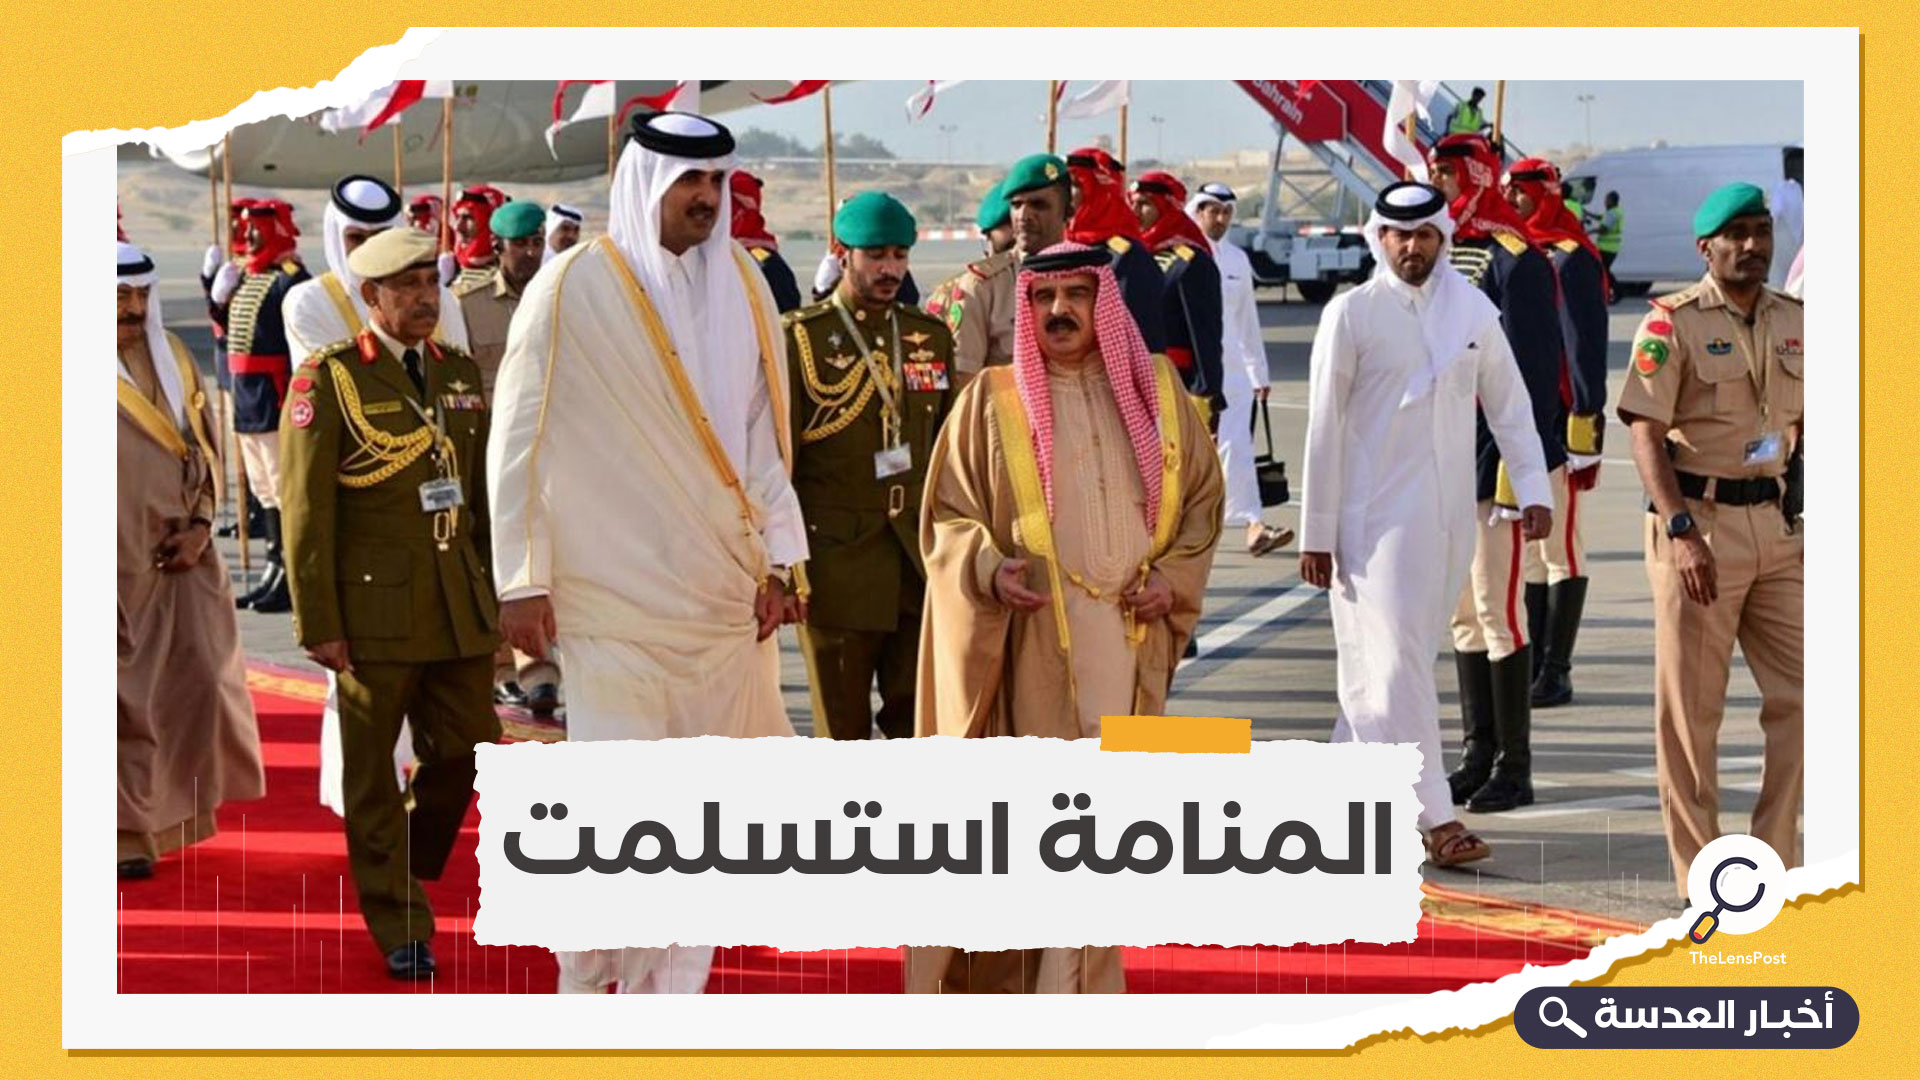 انهيار الحصار.. البحرين تعلن بشكل رسمي فتح أجوائها أمام الطيران القطري